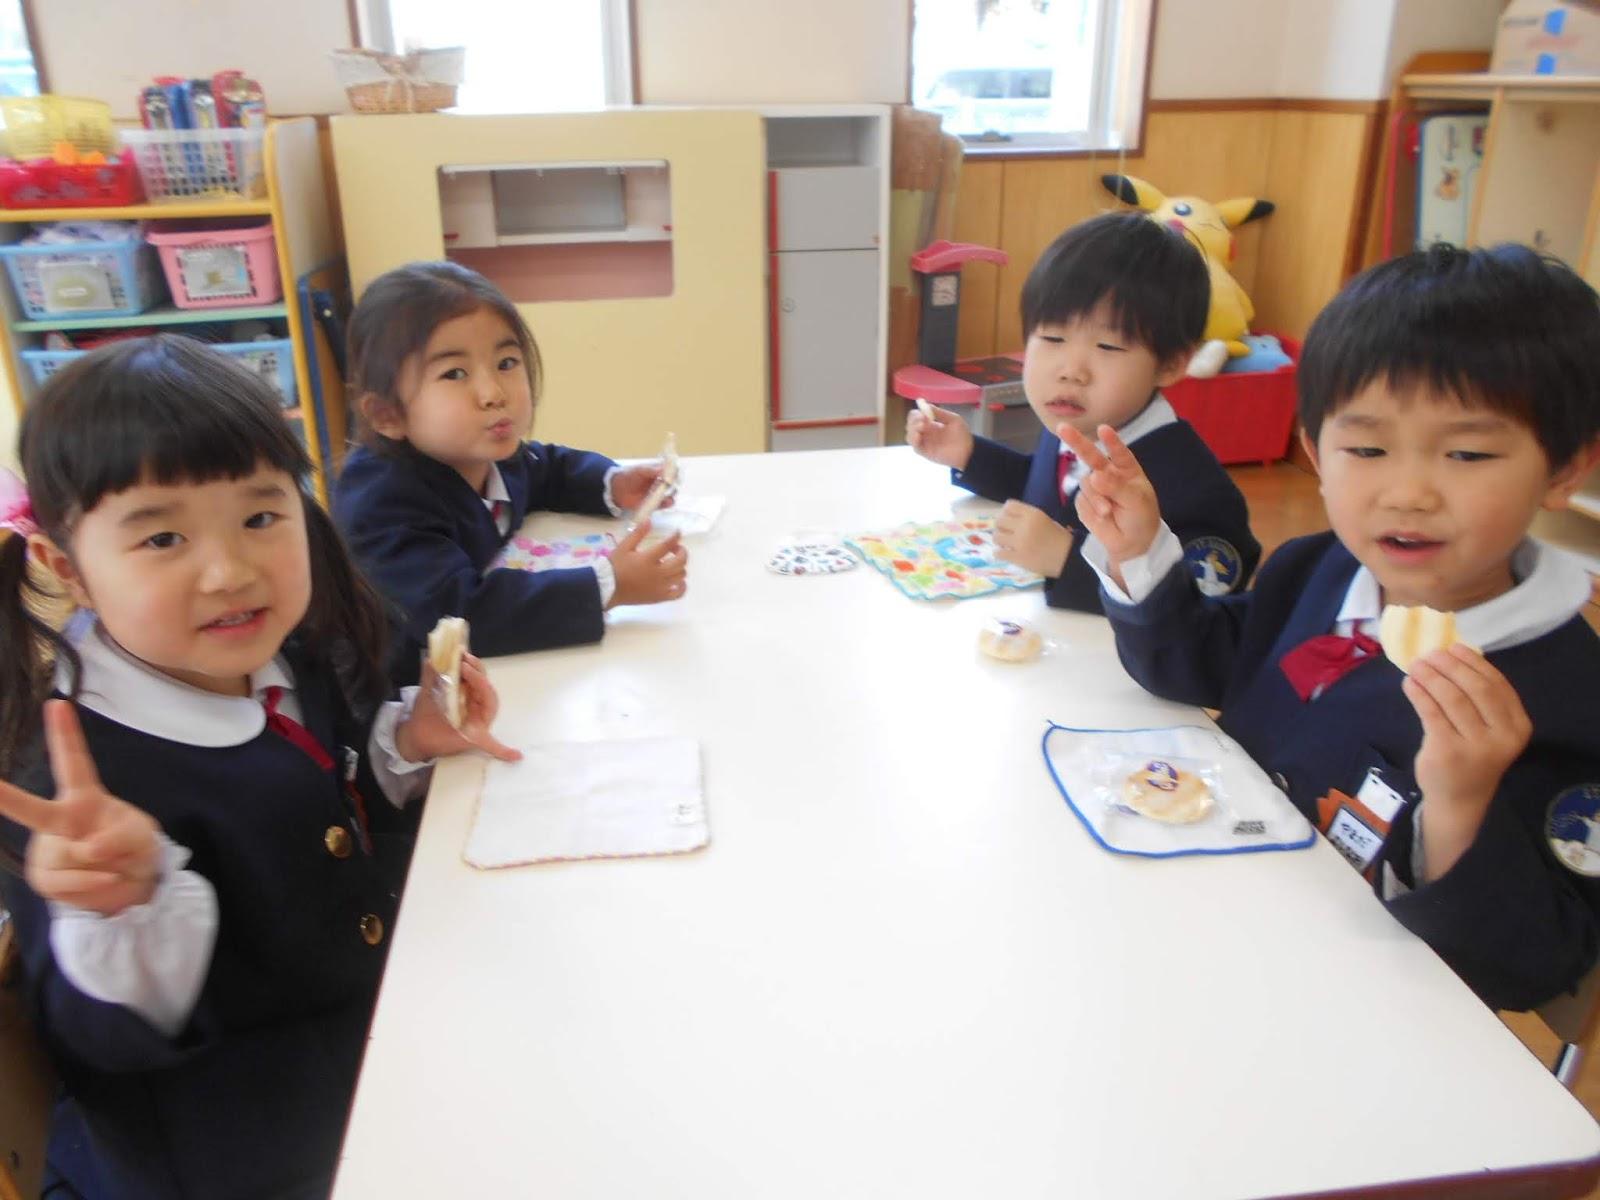 新潟市 聖ラファエル幼稚園